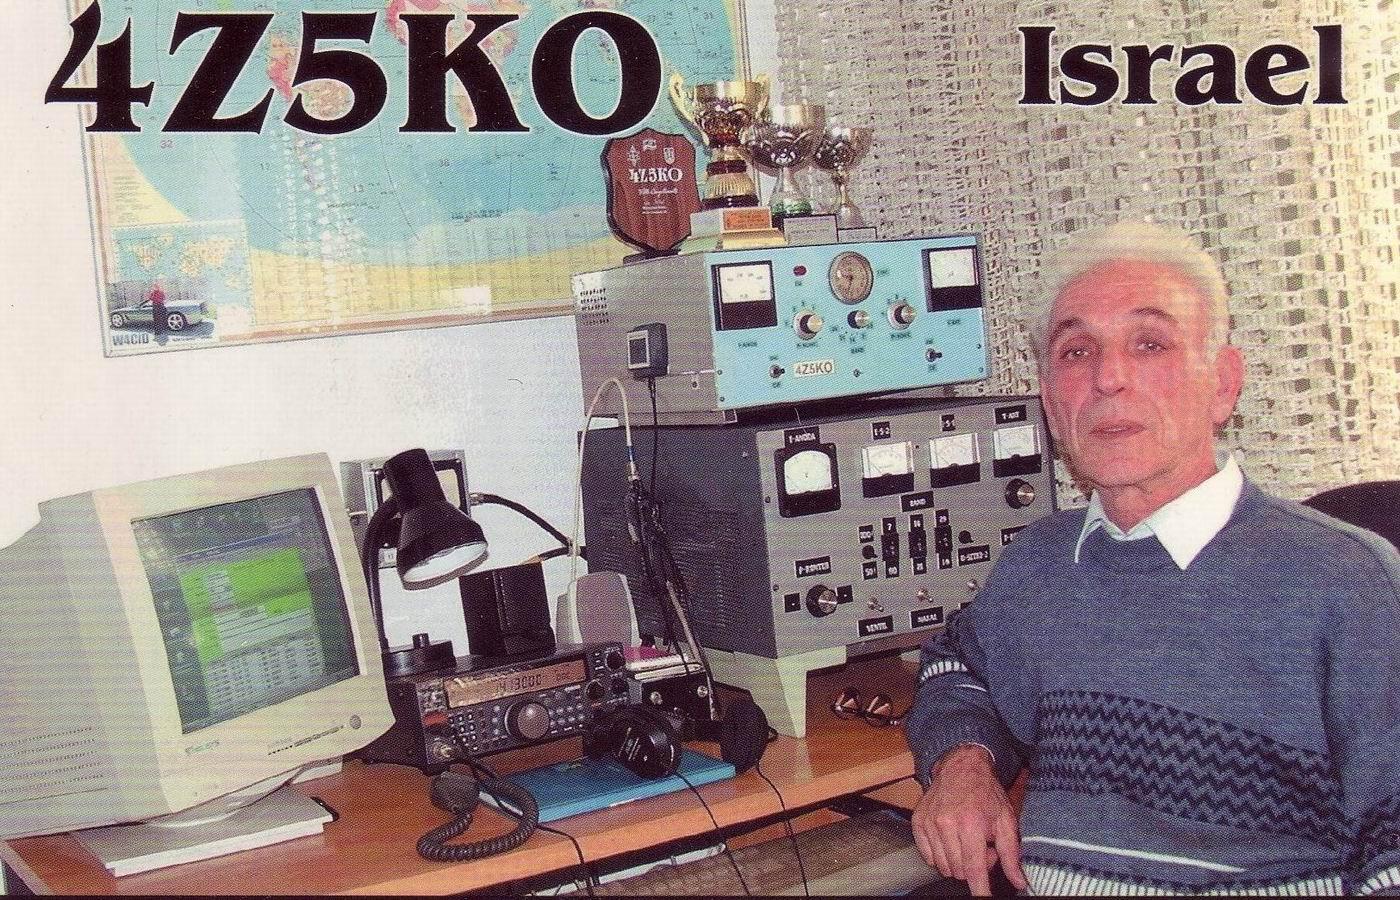 Нажмите на изображение для увеличения.  Название:4Z5KO  Israel.jpg Просмотров:16 Размер:373.4 Кб ID:198298